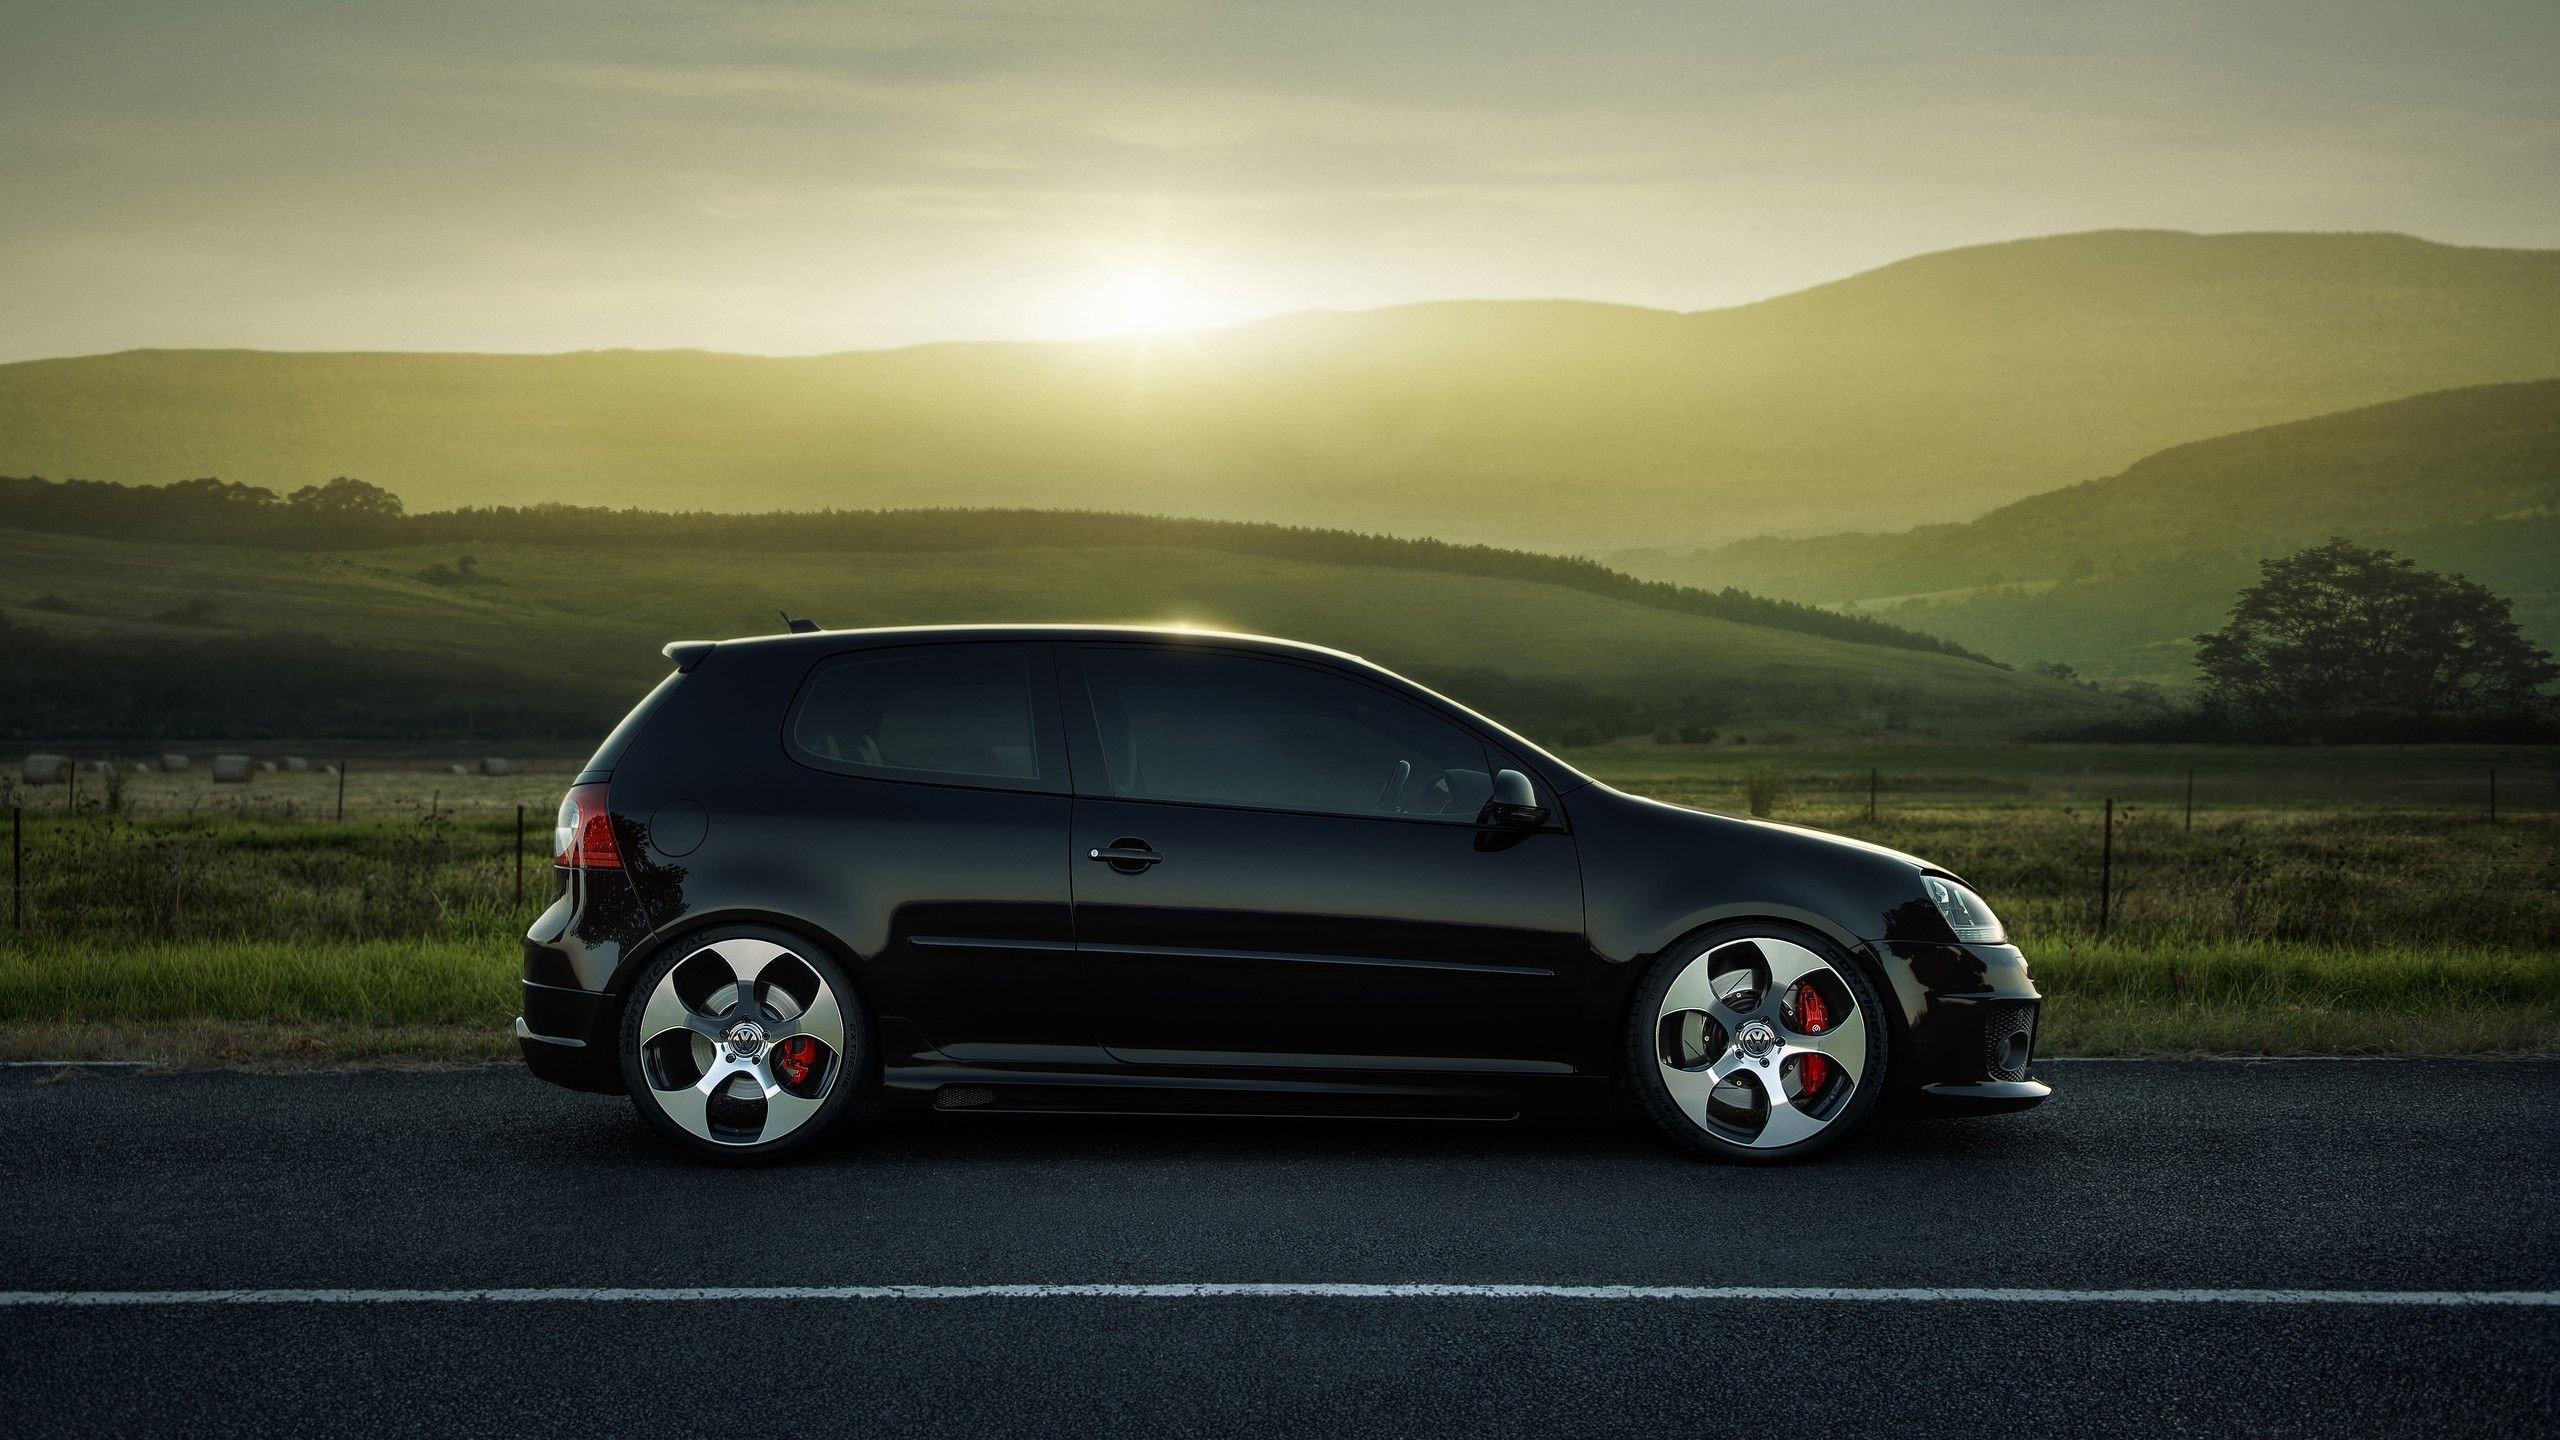 Volkswagen Wallpaper Picture